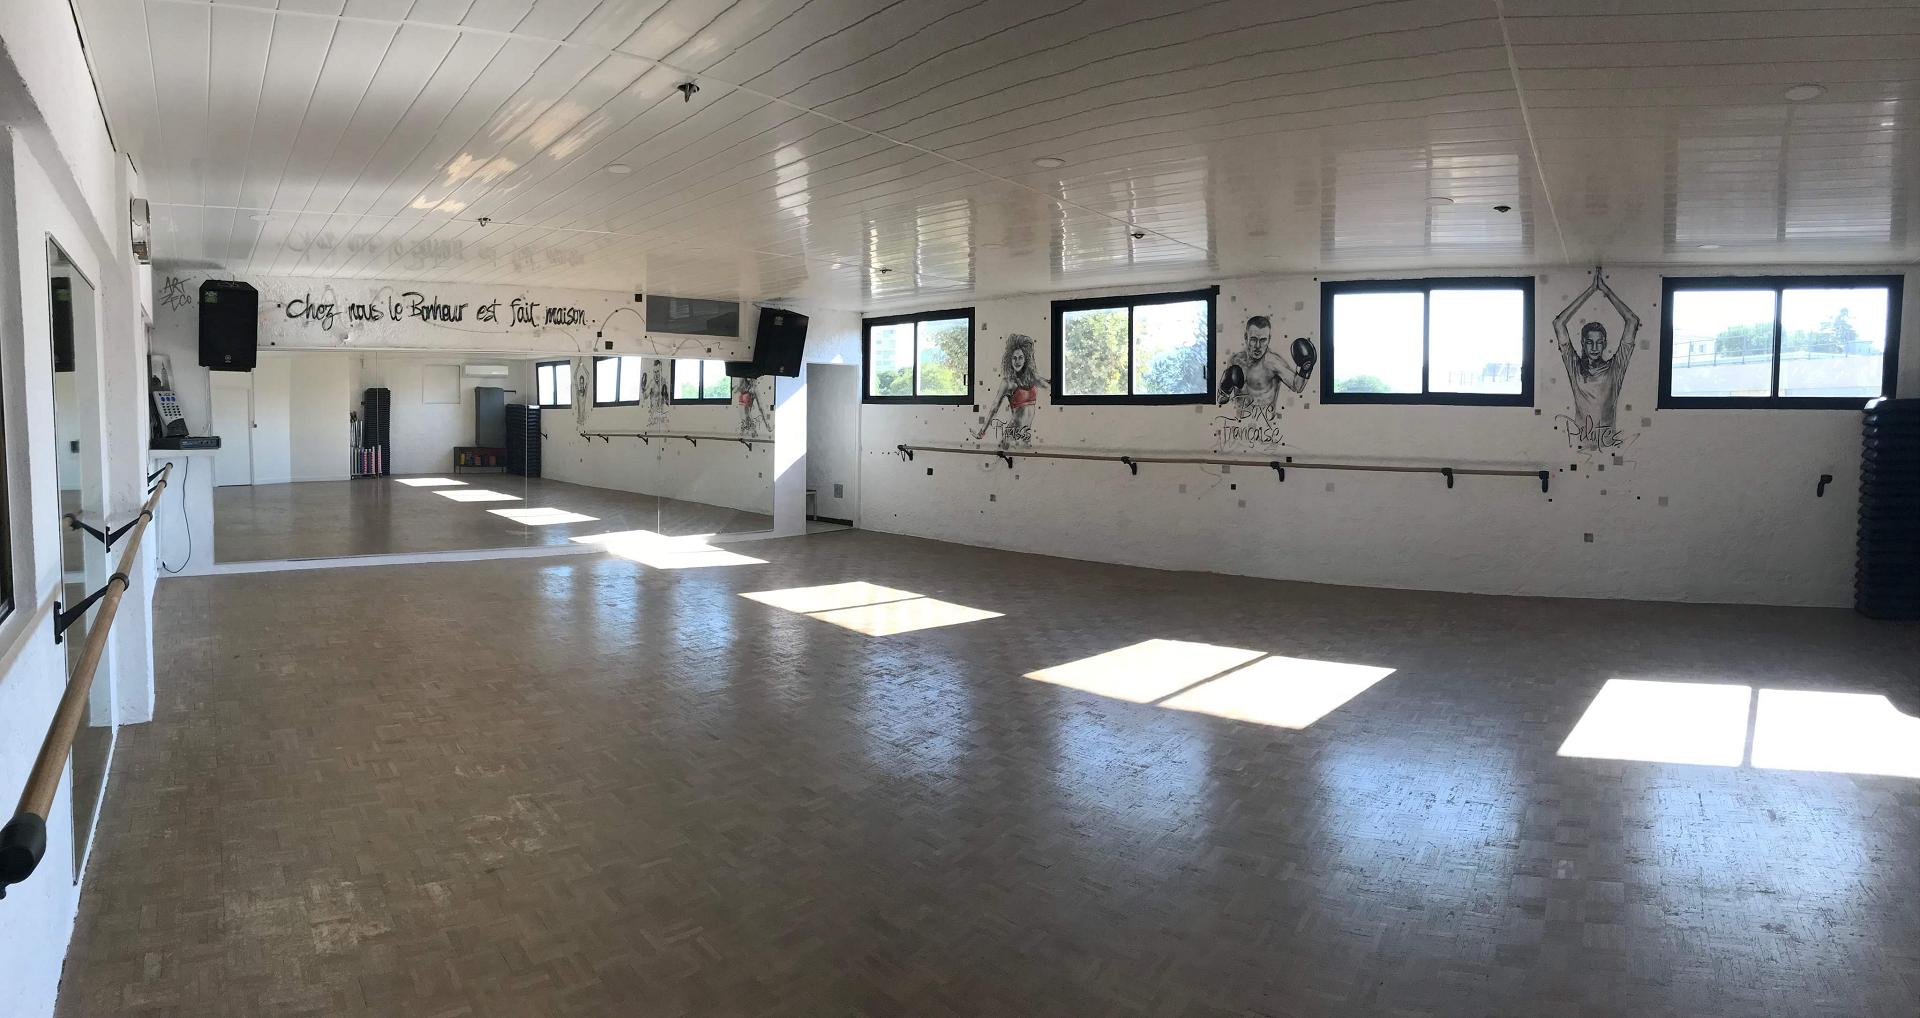 salle-sport-marseille-13009